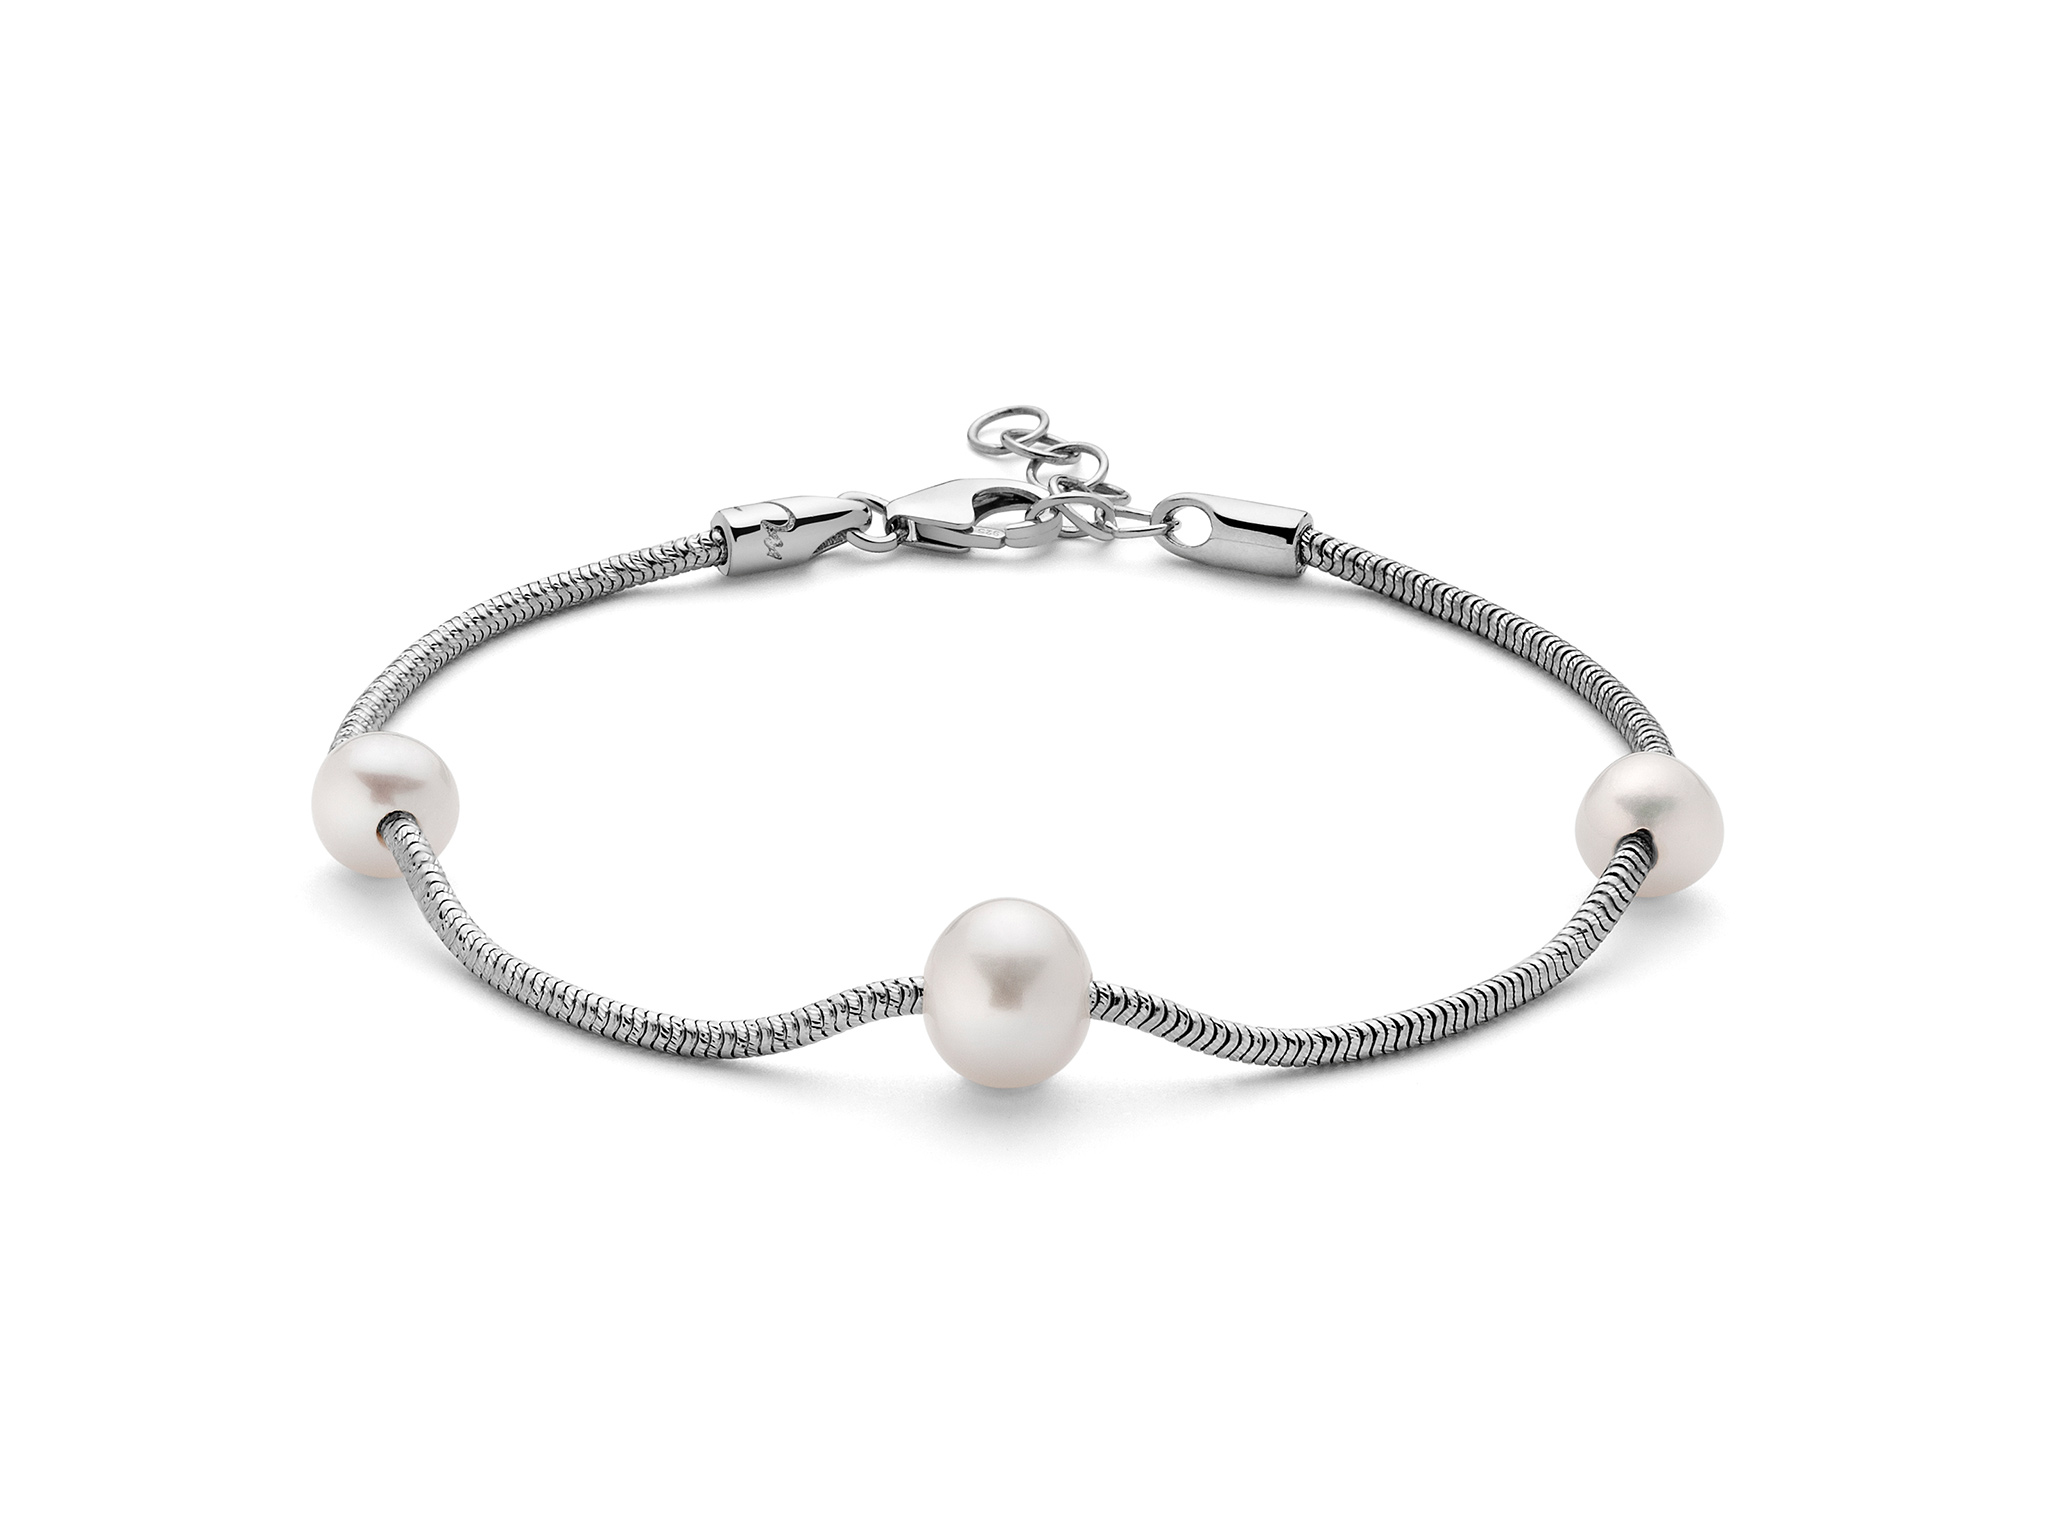 Bracciale in argento, monofilo, con perle - PBR2829